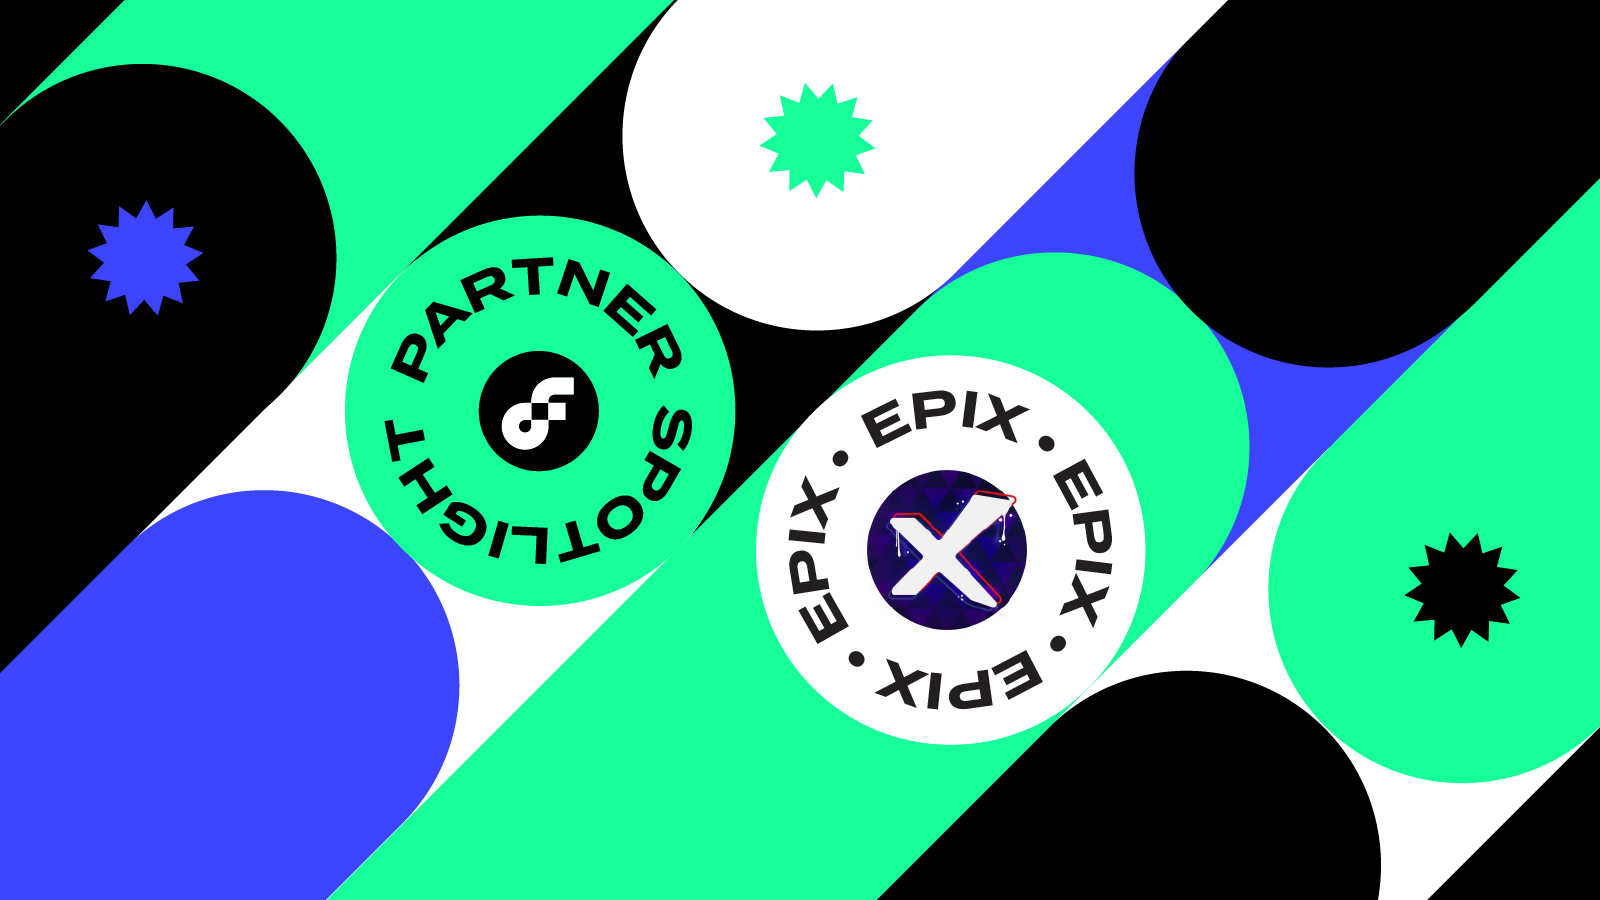 Partner Spotlight: Epix